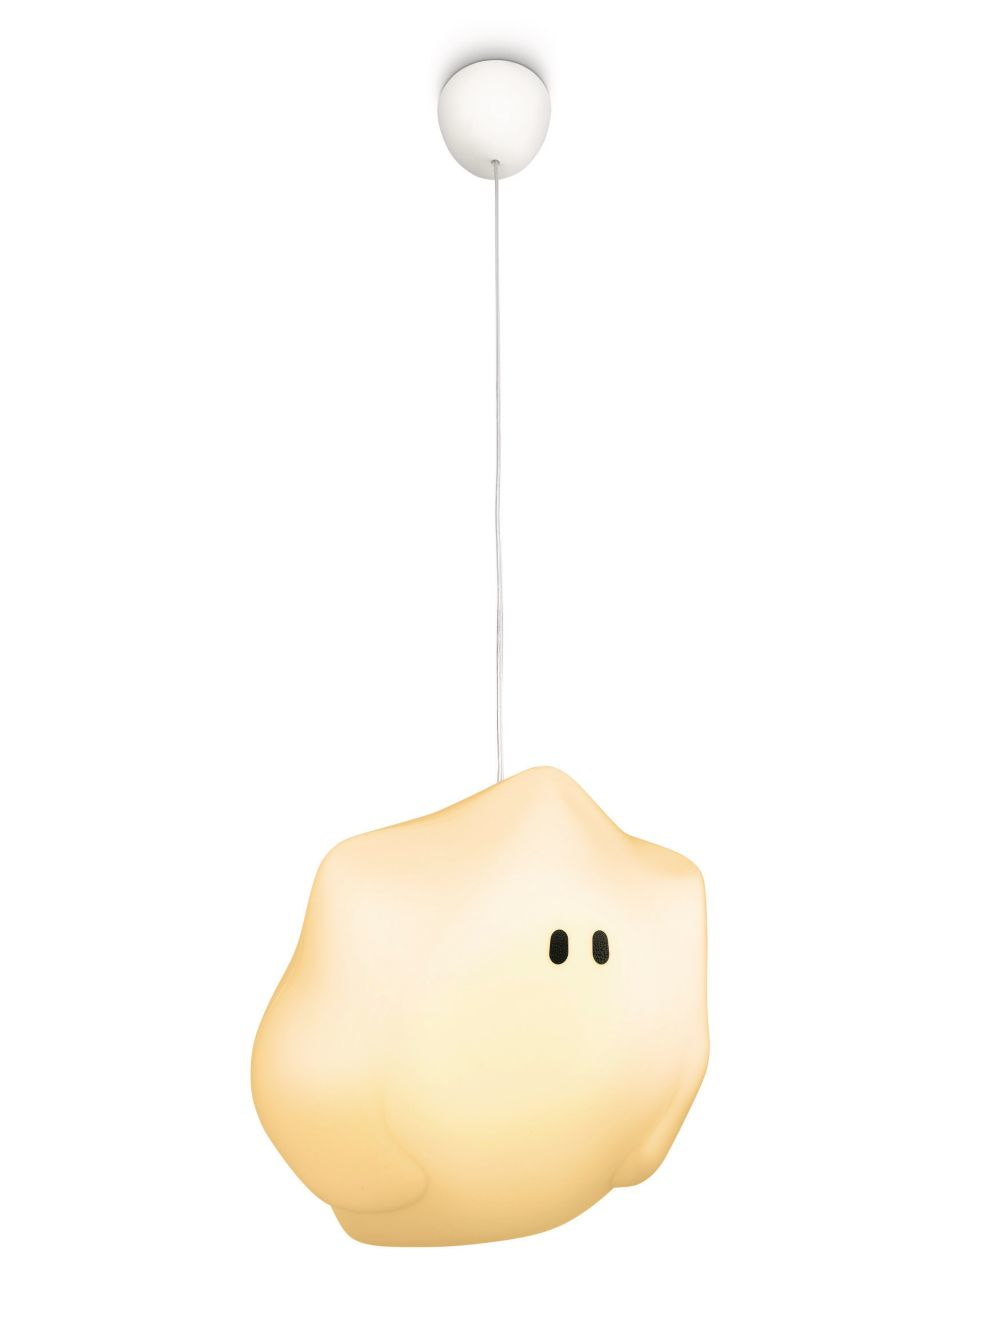 philips lampe kinderzimmer buddy sun pendelleuchte warmwei es licht 2700k ebay. Black Bedroom Furniture Sets. Home Design Ideas